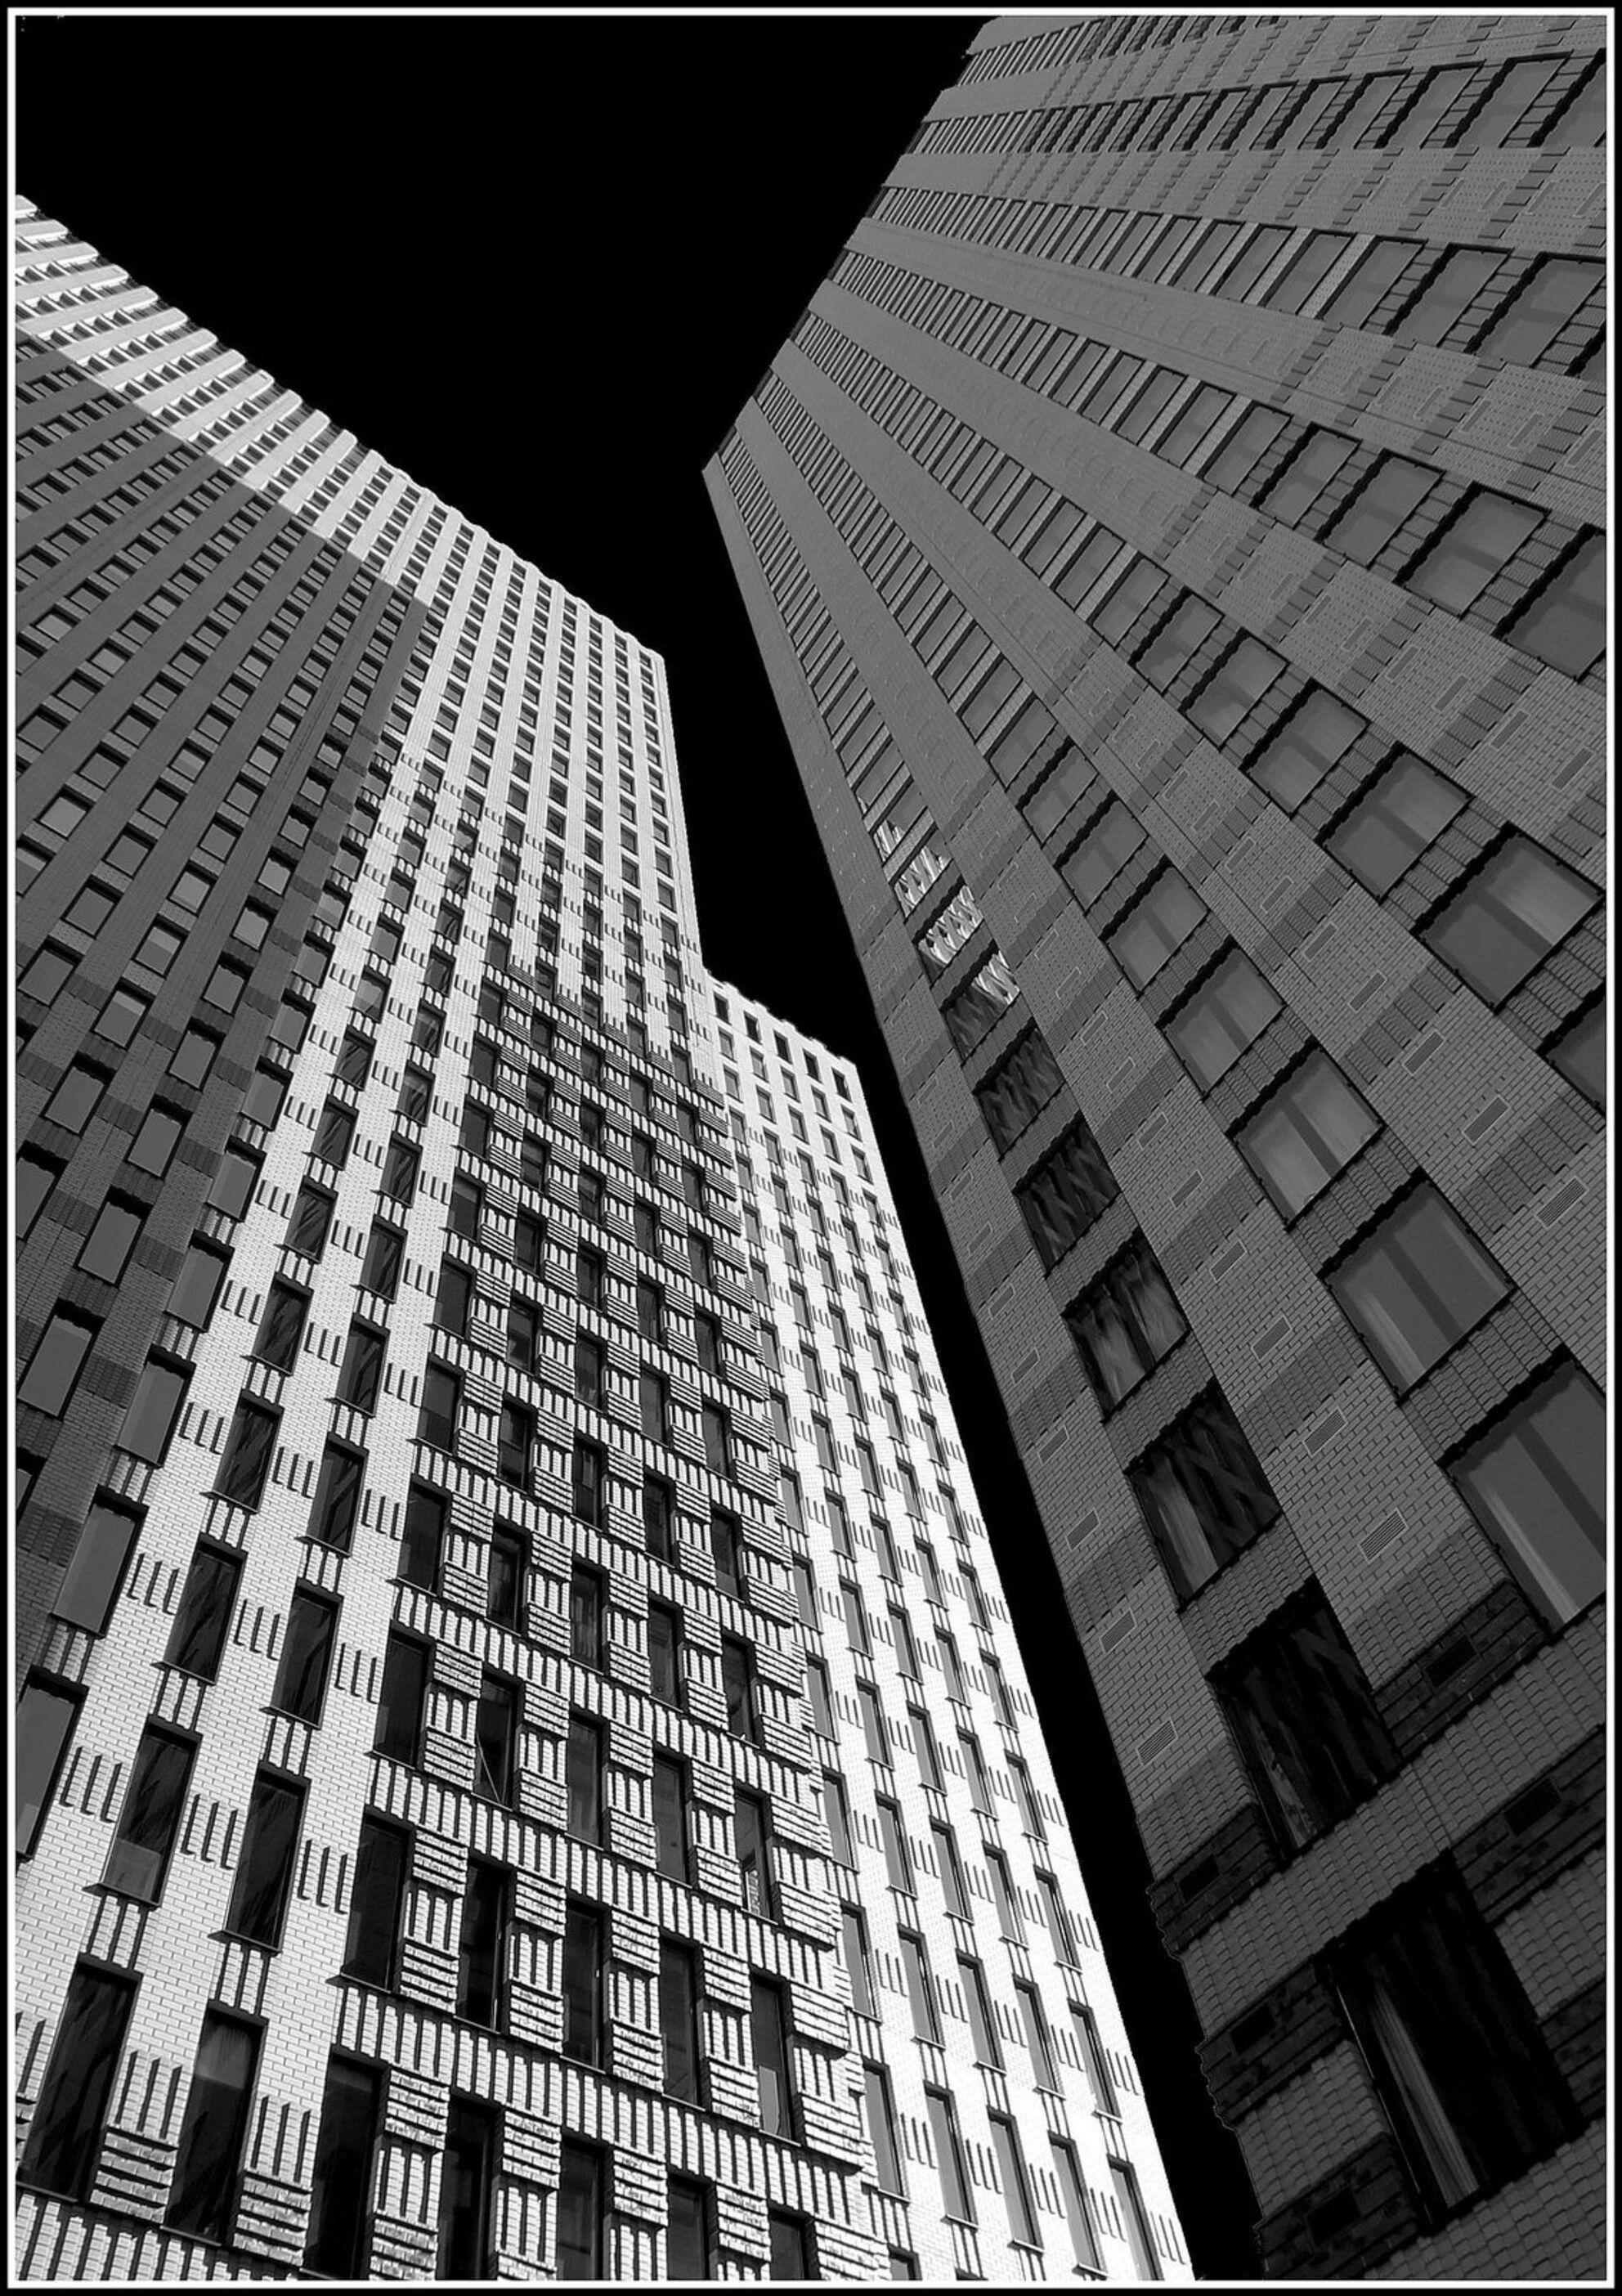 Zuidas - - - foto door jelle13 op 03-03-2021 - deze foto bevat: amsterdam, lijnen, architectuur, gebouw, stad, perspectief, zwartwit - Deze foto mag gebruikt worden in een Zoom.nl publicatie